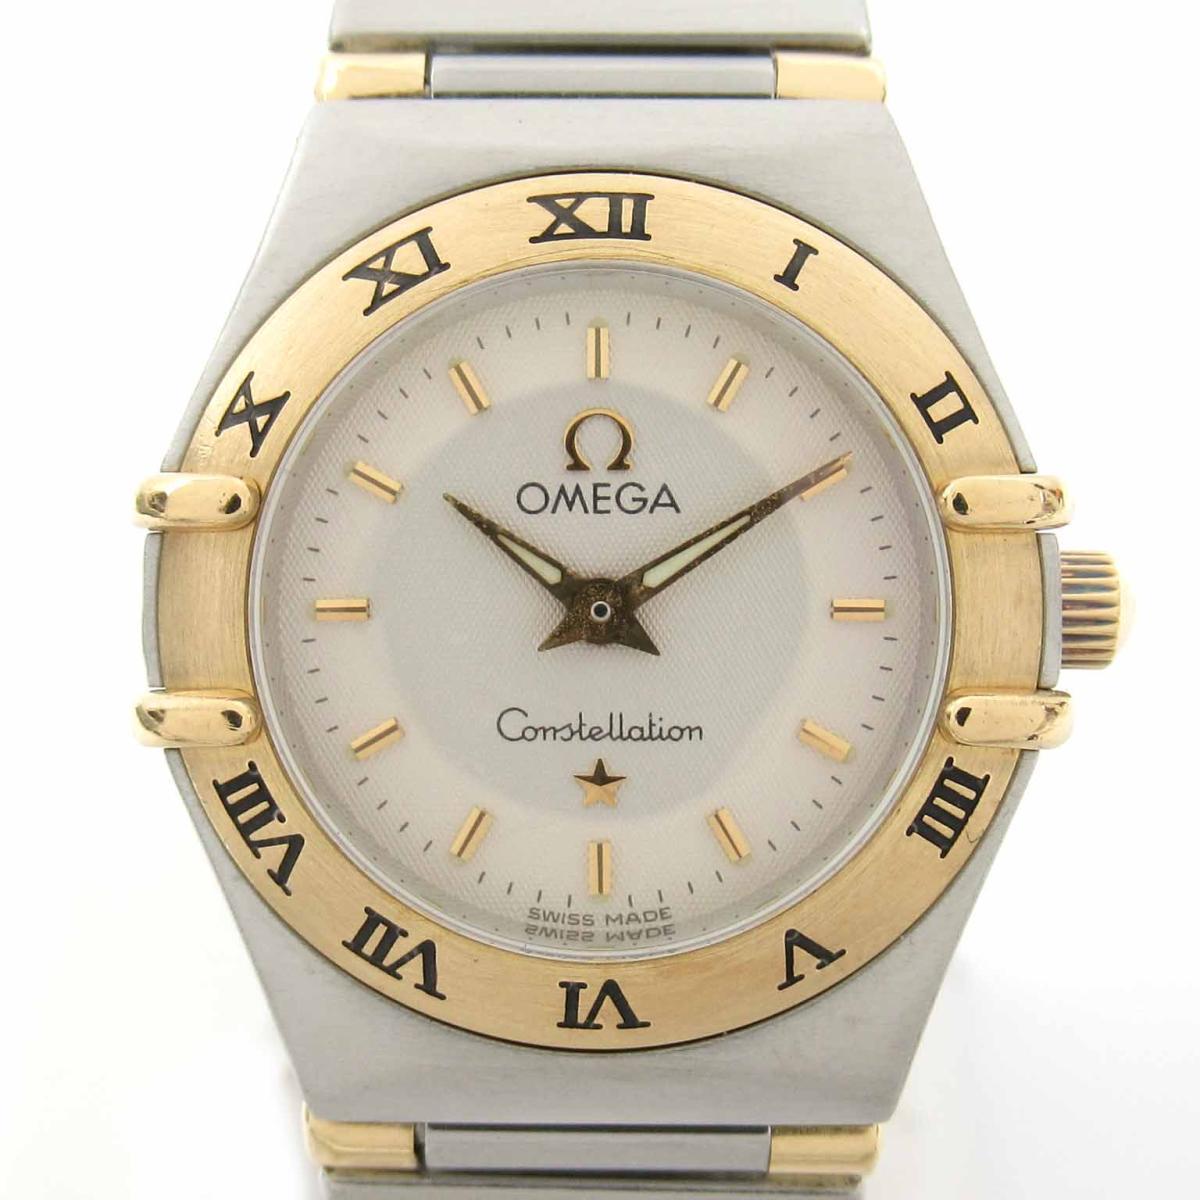 【中古】 オメガ コンステレーション ミニ ウォッチ 腕時計 レディース K18YG (750)イエローゴールド ステンレススチール (SS) (1372.30) | OMEGA BRANDOFF ブランドオフ ブランド ブランド時計 ブランド腕時計 時計